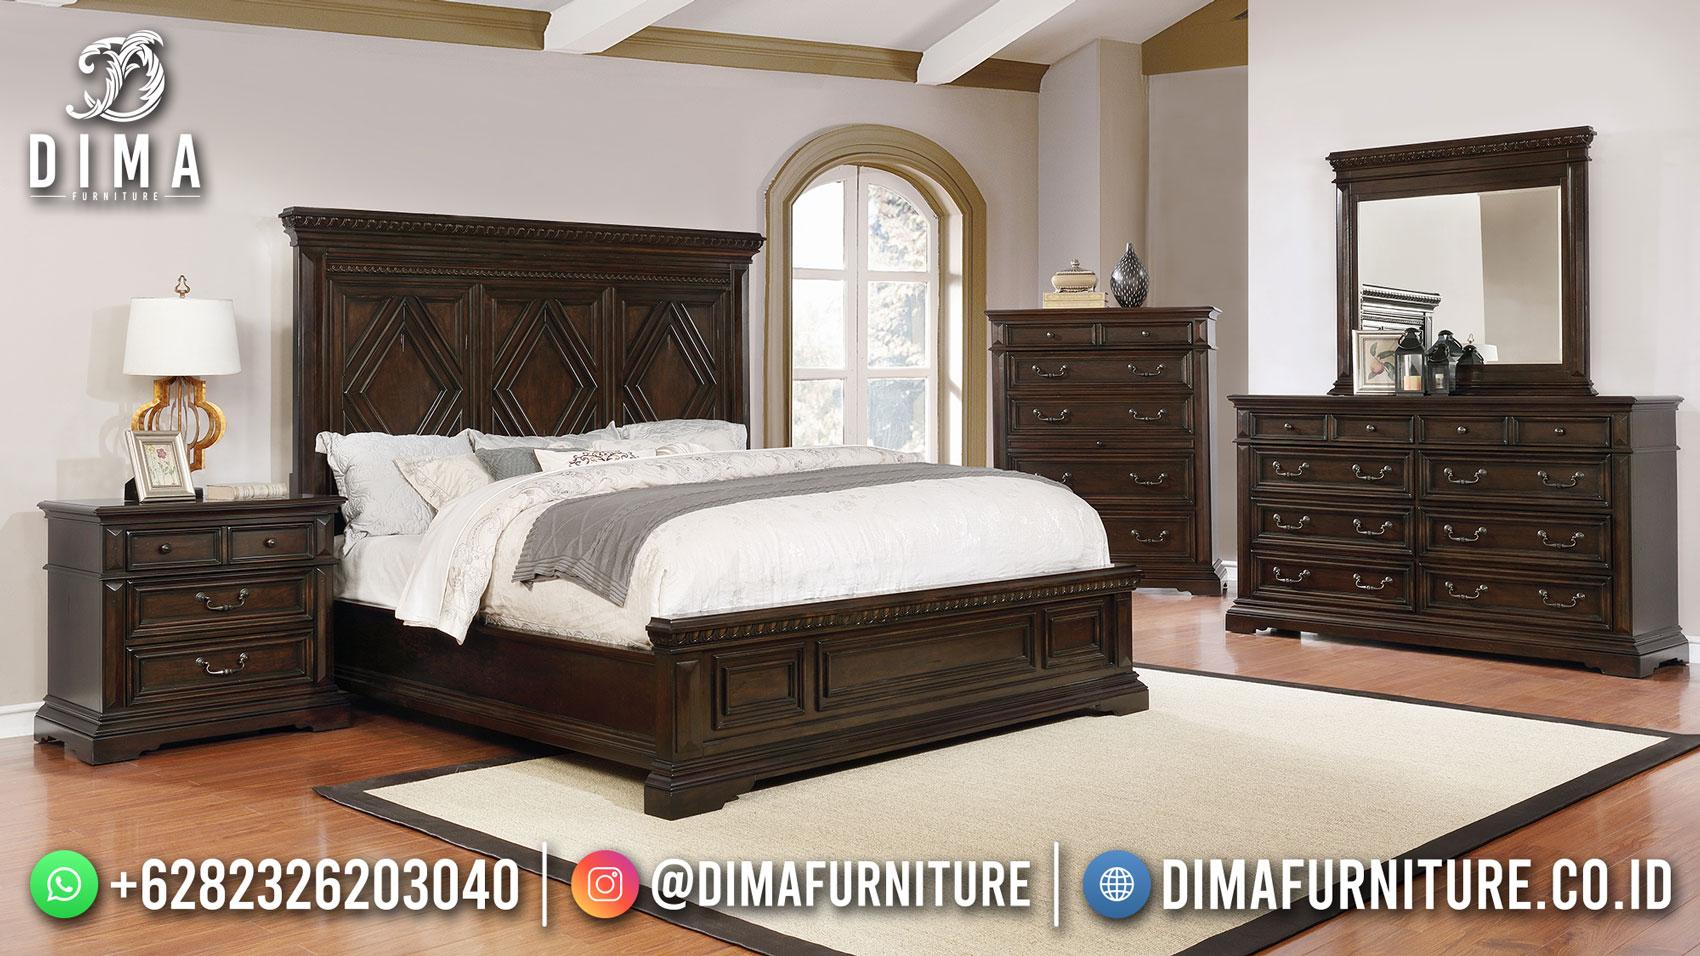 Tempat Tidur Jati Minimalis Natural Salak Brown New Furniture Jepara Design Df-1566